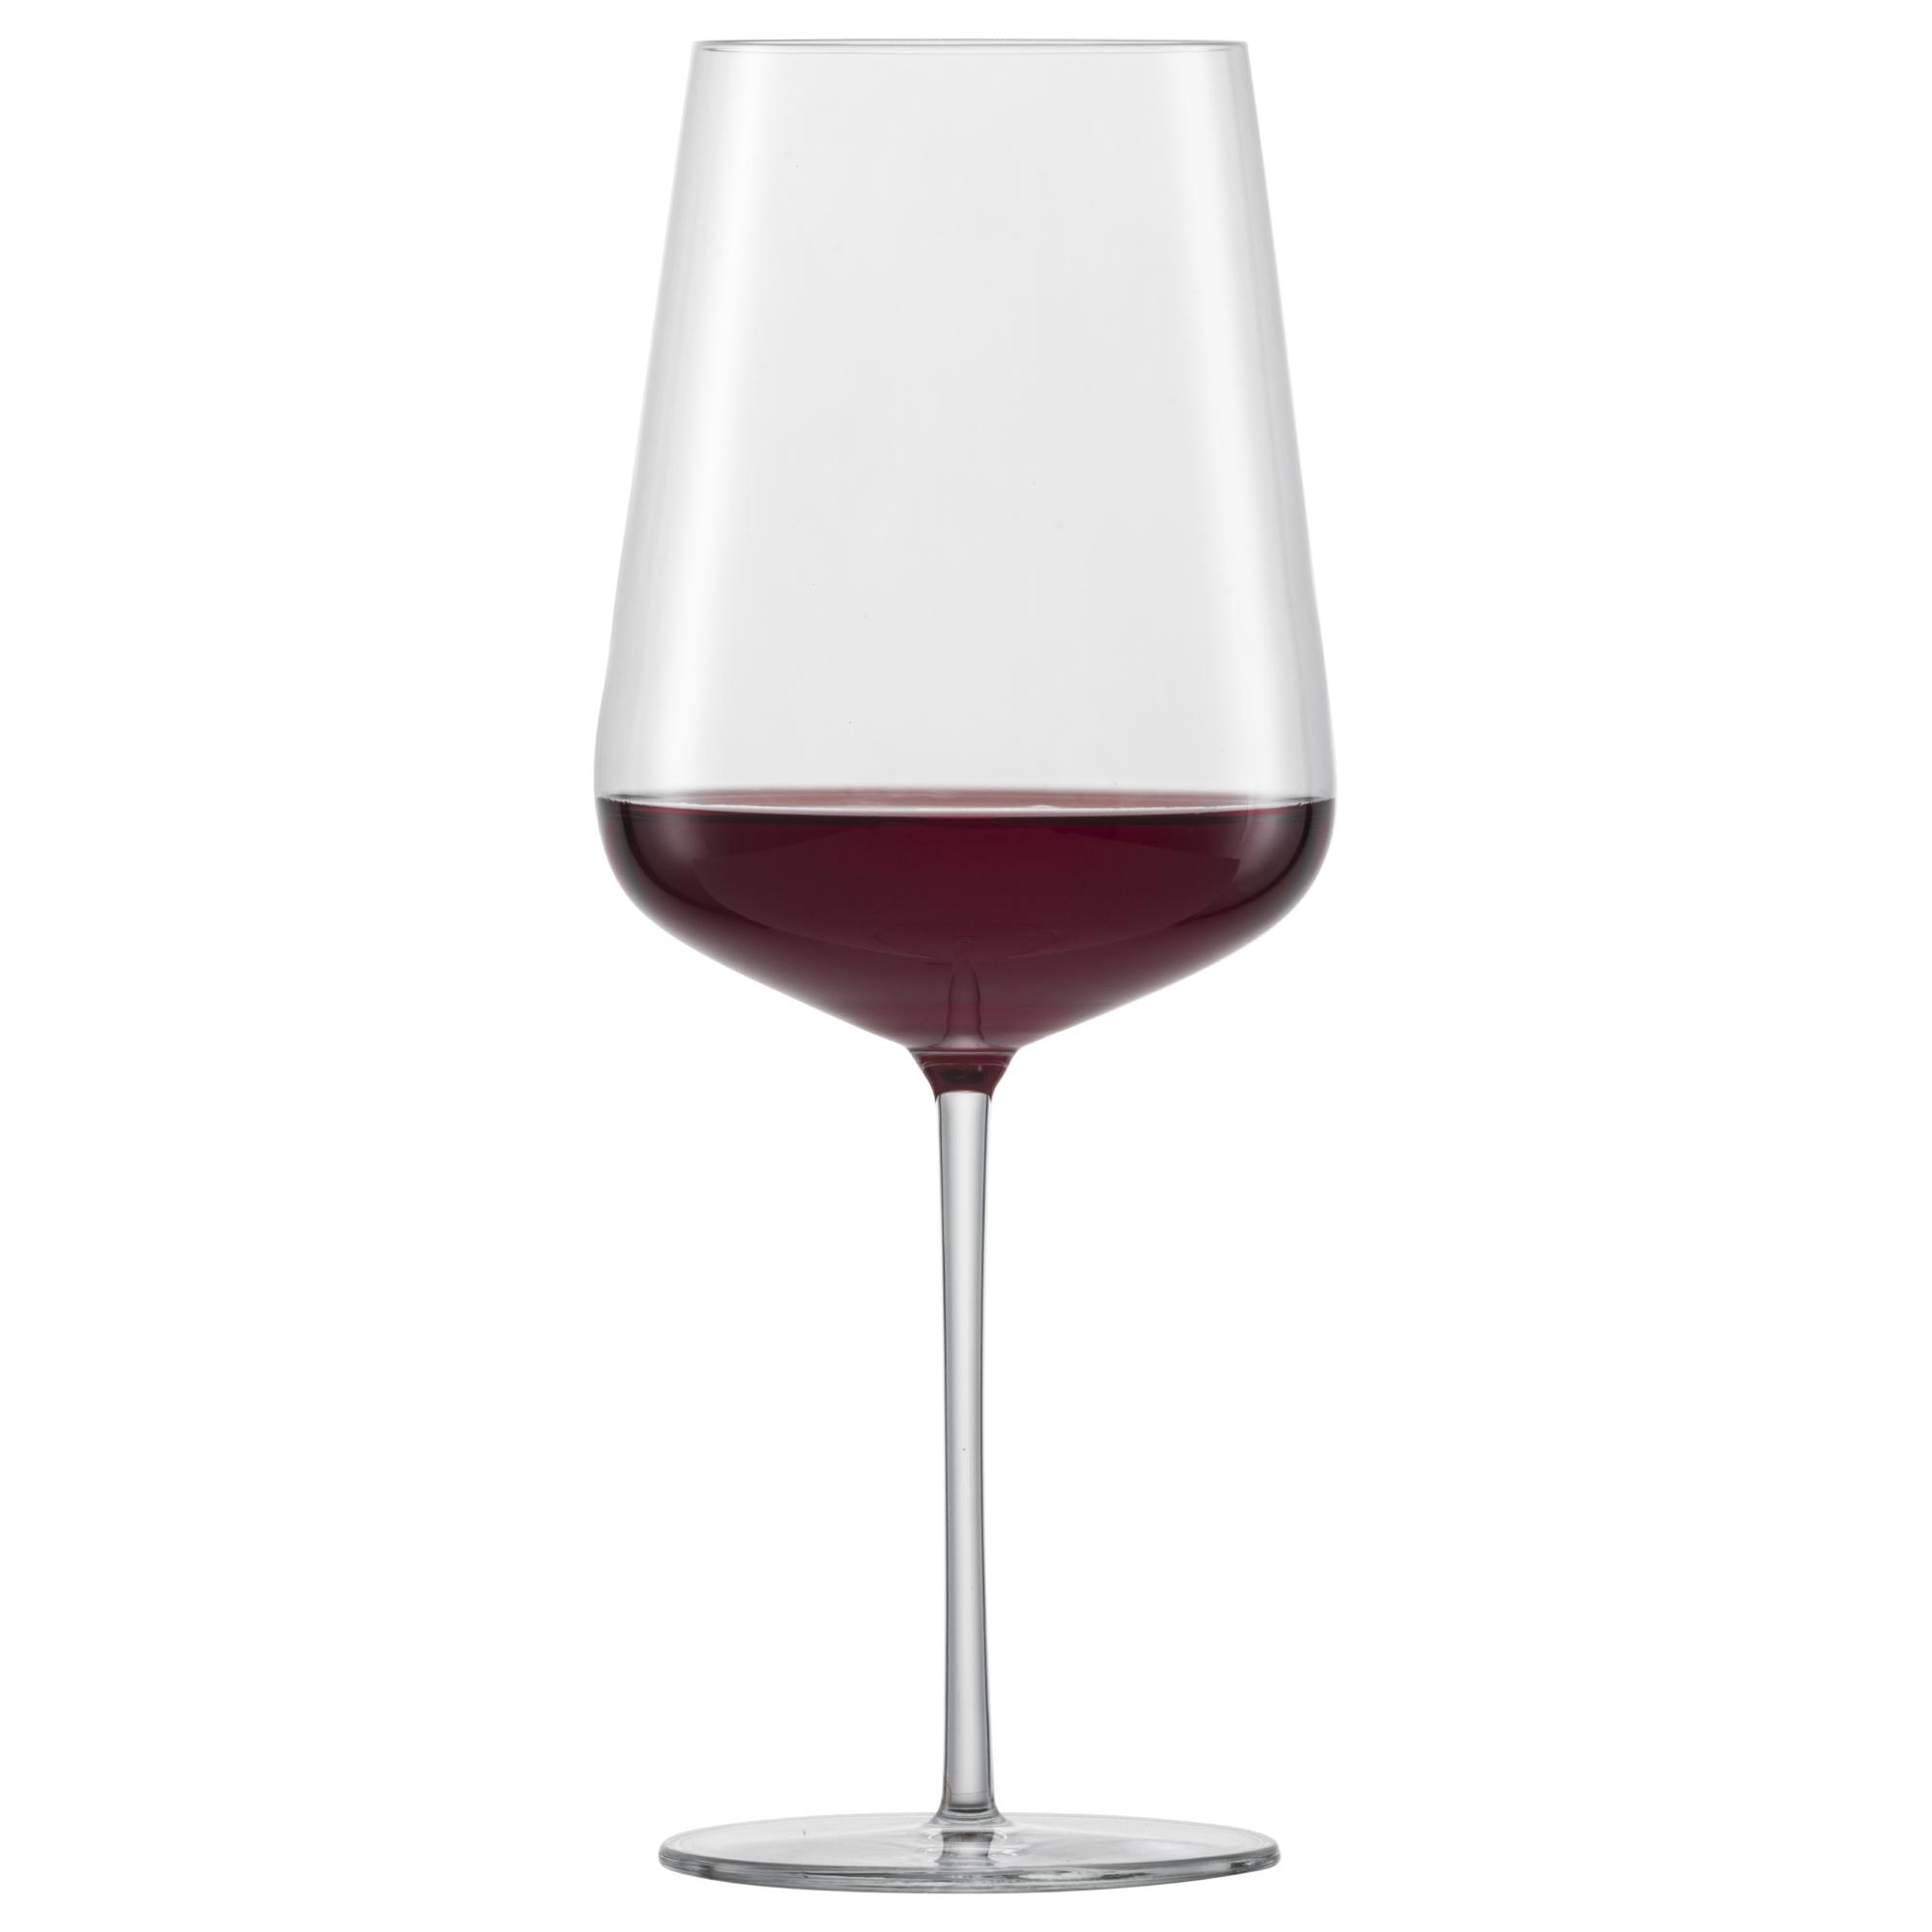 Фото - Набор бокалов для красного вина Schott Zwiesel Vervino 742 мл 2 шт набор бокалов для красного вина schott zwiesel prizma 561 мл 6 шт